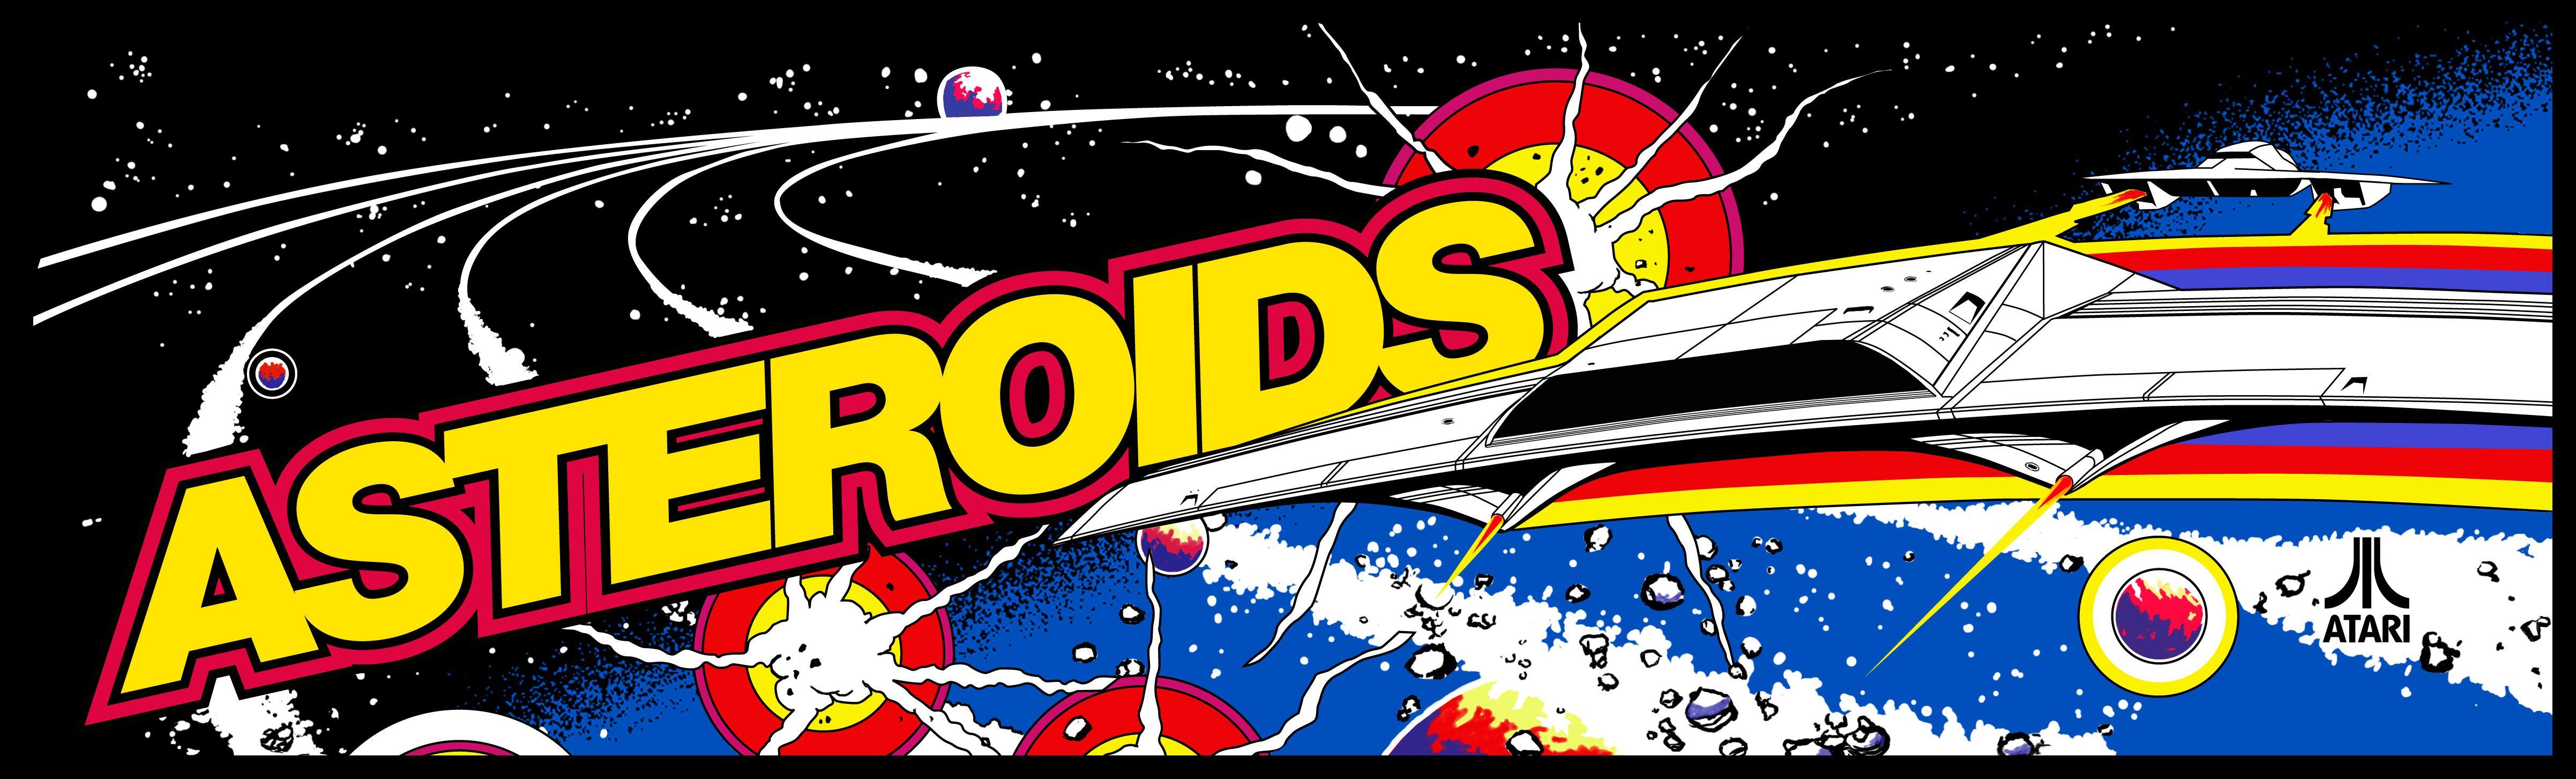 asteroids arcade online - photo #37